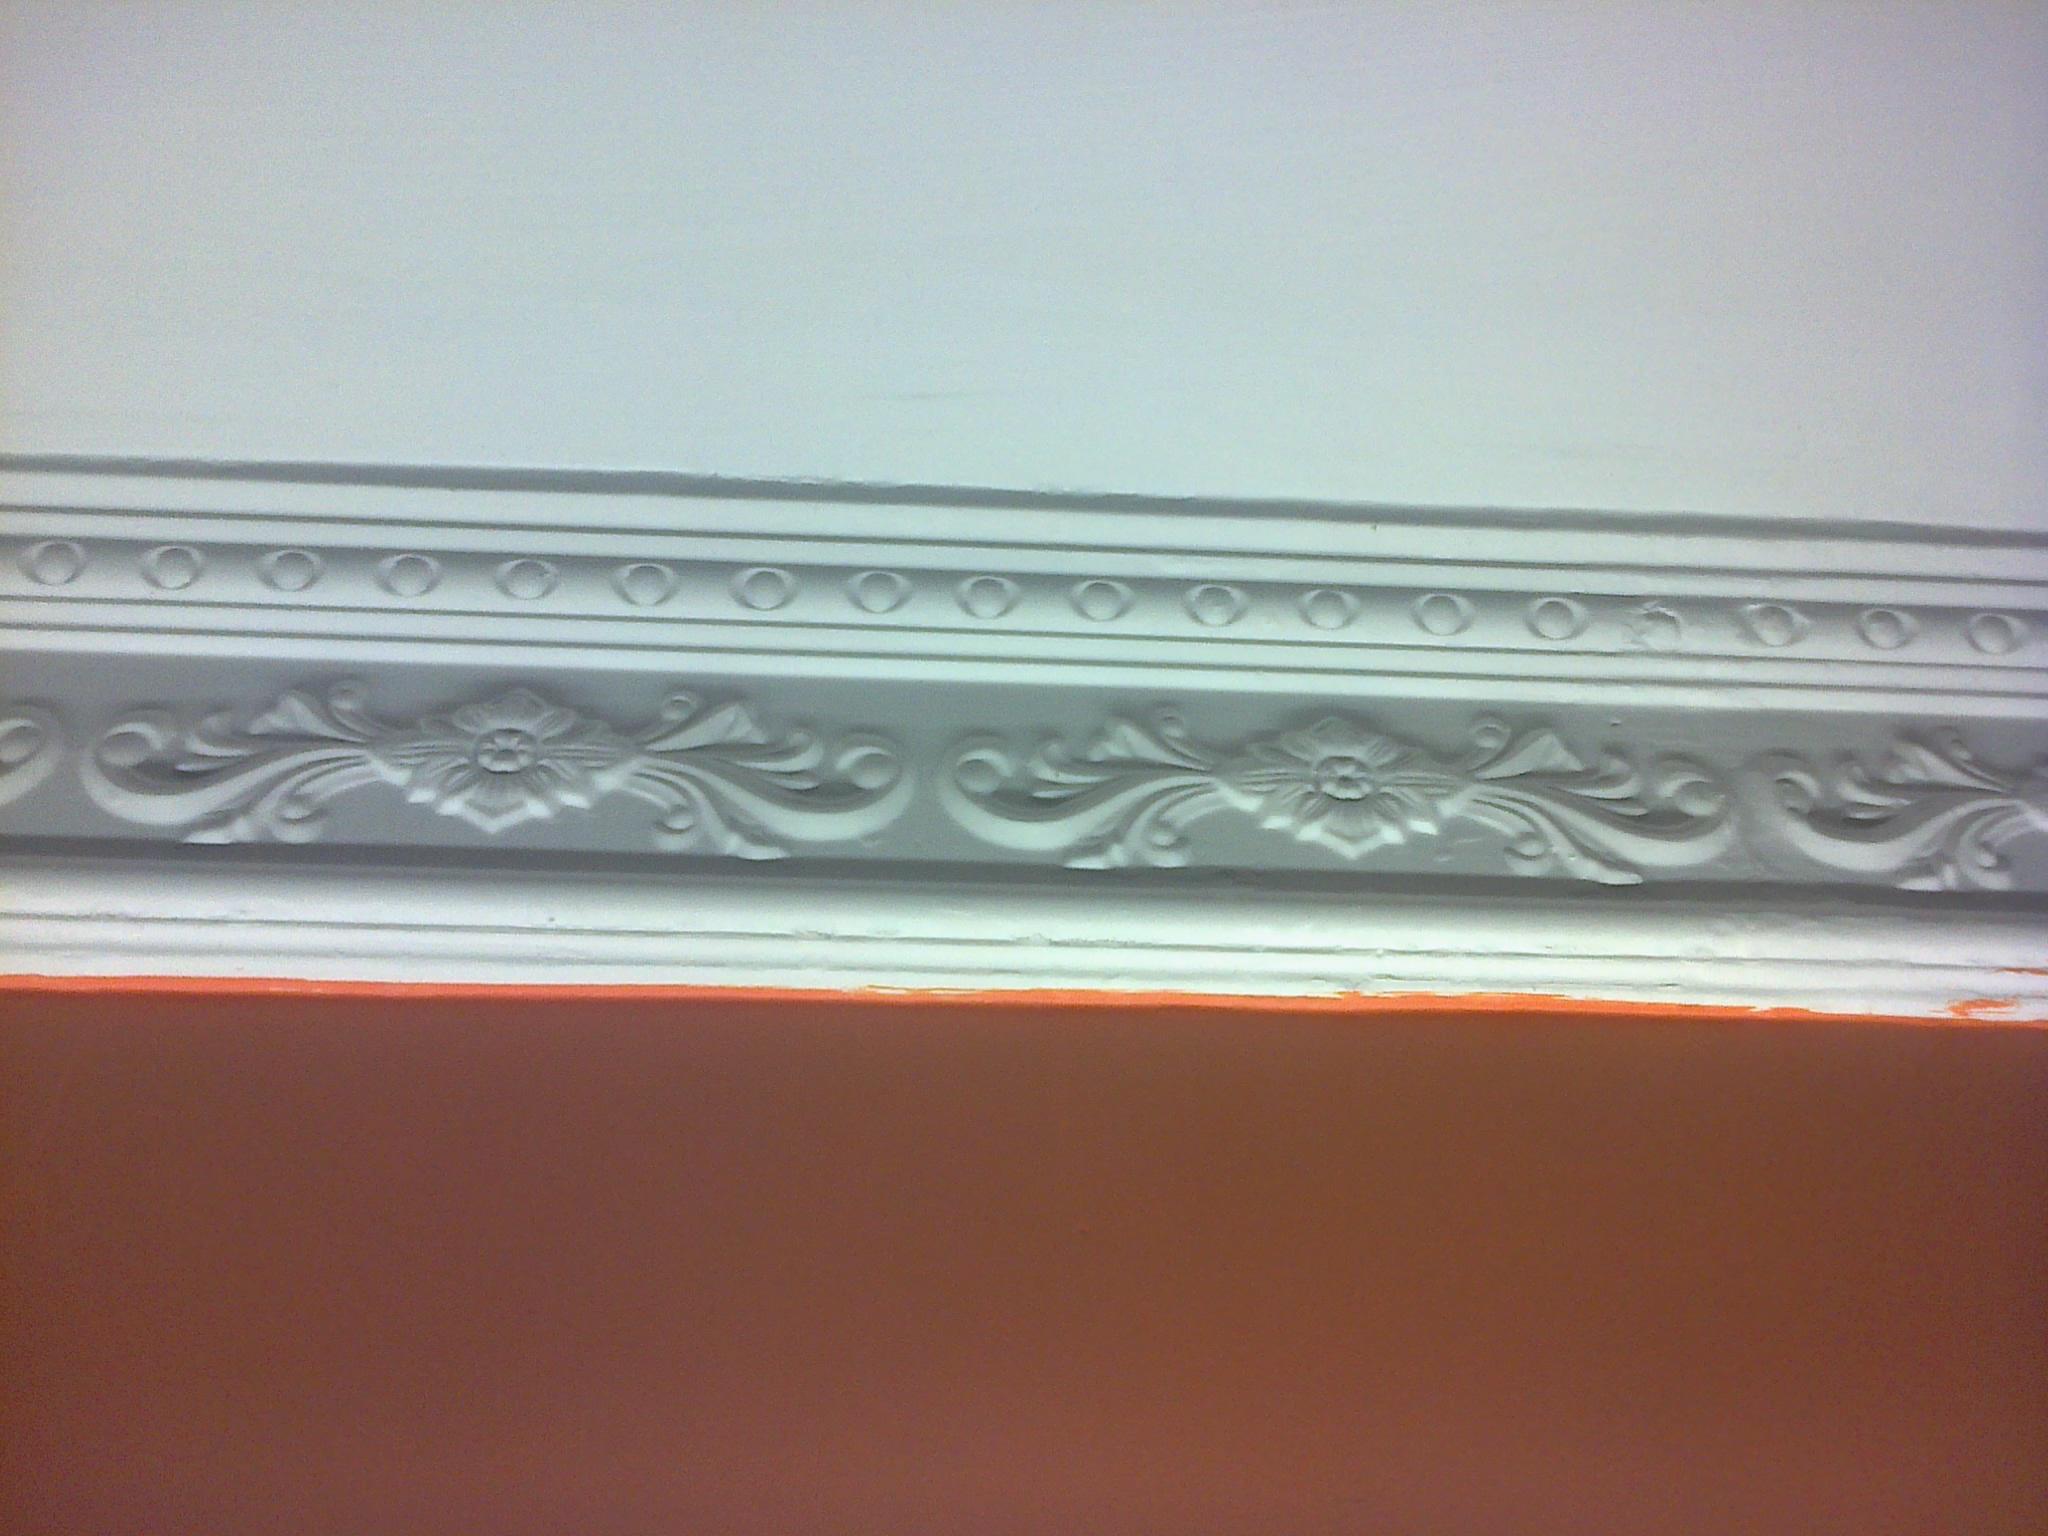 plaster-of-paris-cealing-design